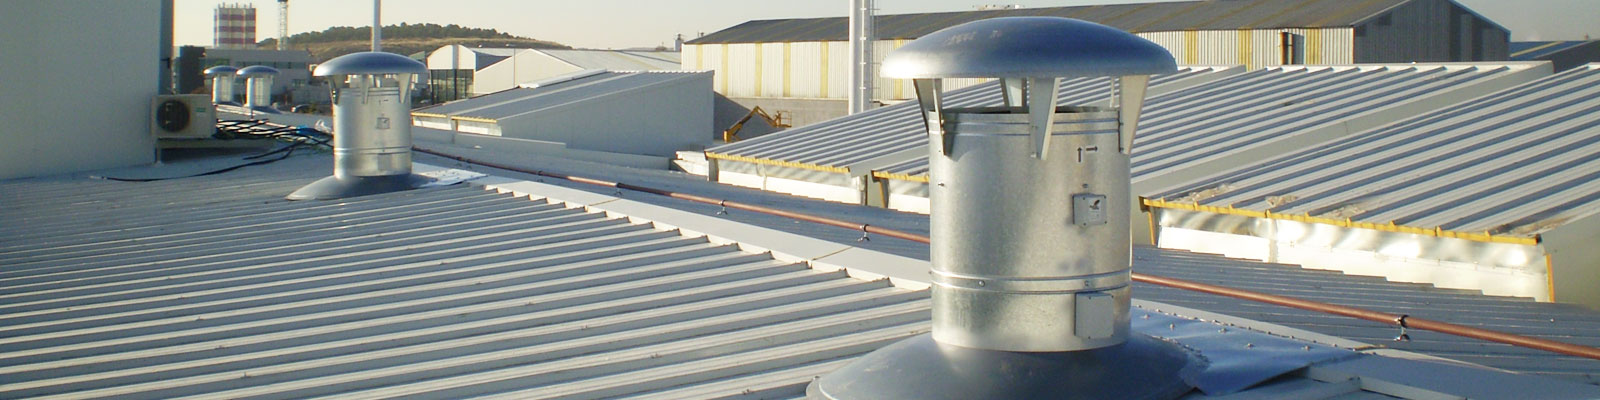 expertos en ventilación industrial por cubierta